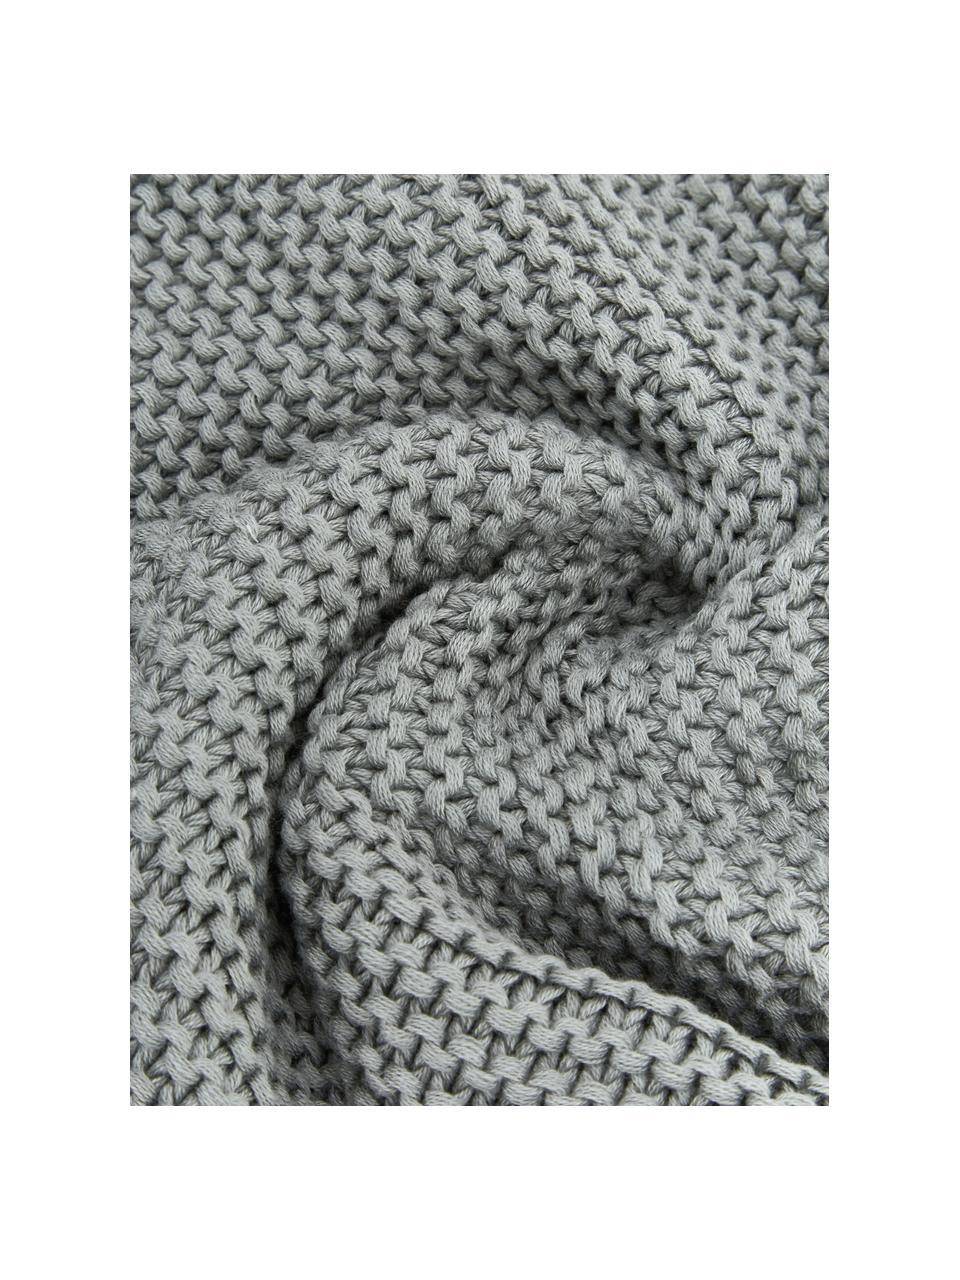 Strick-Kissenhülle Adalyn aus Bio-Baumwolle in Salbeigrün, 100% Bio-Baumwolle, GOTS-zertifiziert, Salbeigrün, 60 x 60 cm